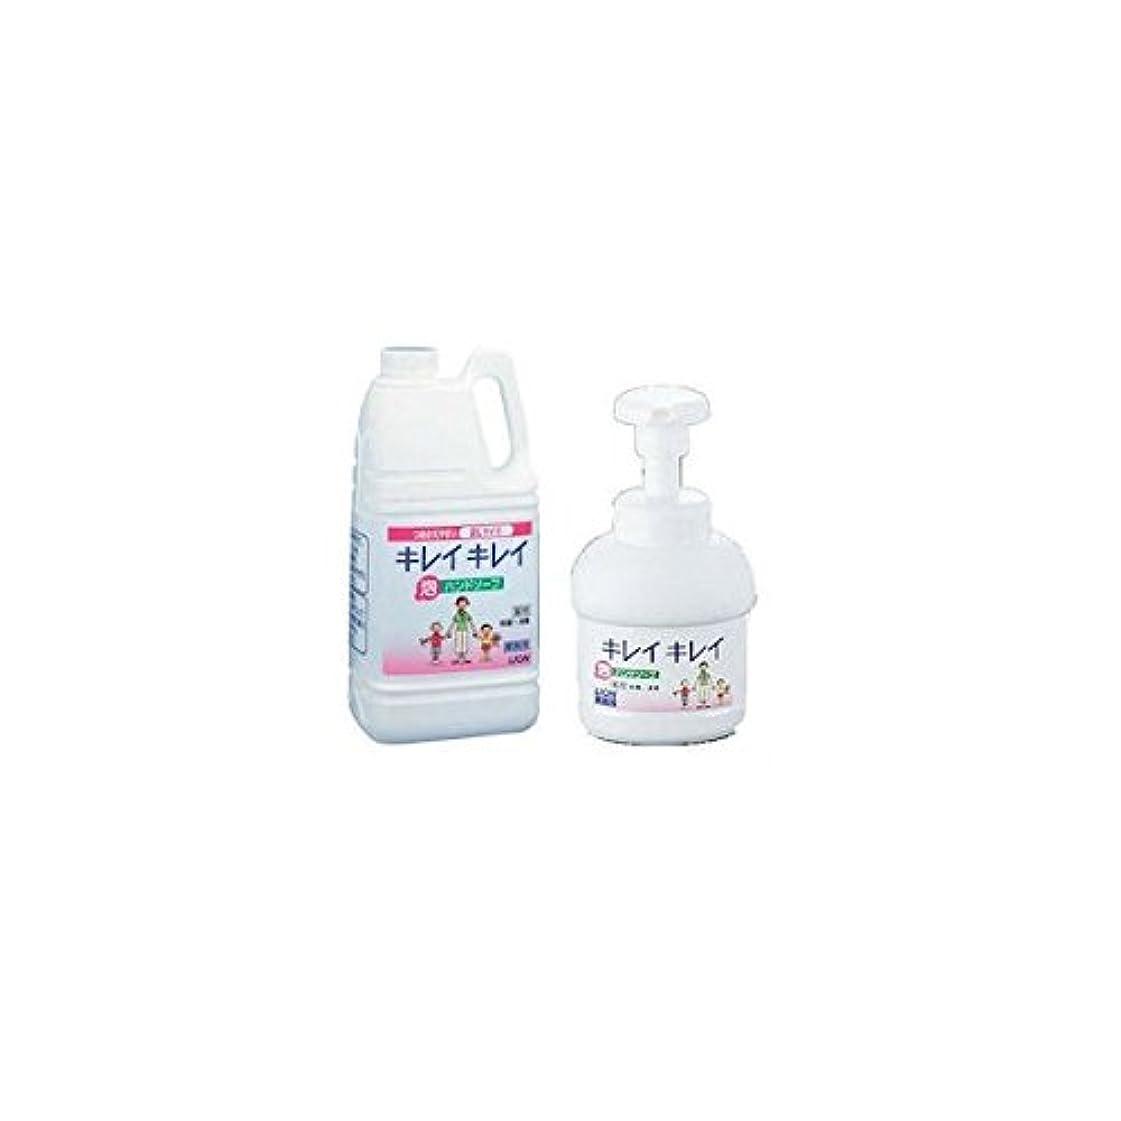 レキシコン調停する明らかライオン キレイキレイ薬用泡ハンドソープ 2L(250MLポンプ付) 【品番】JHV2501